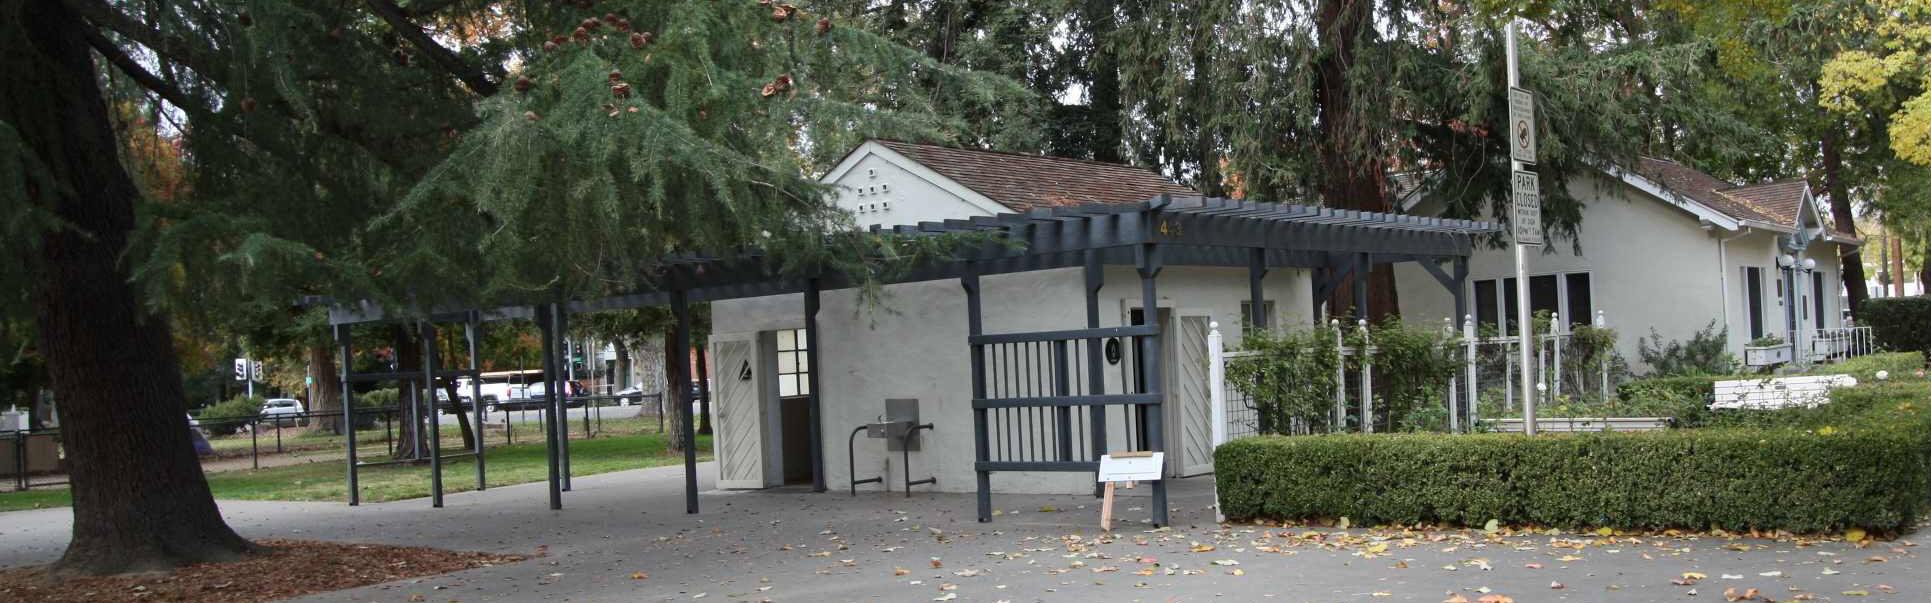 Central-Park-Restroom